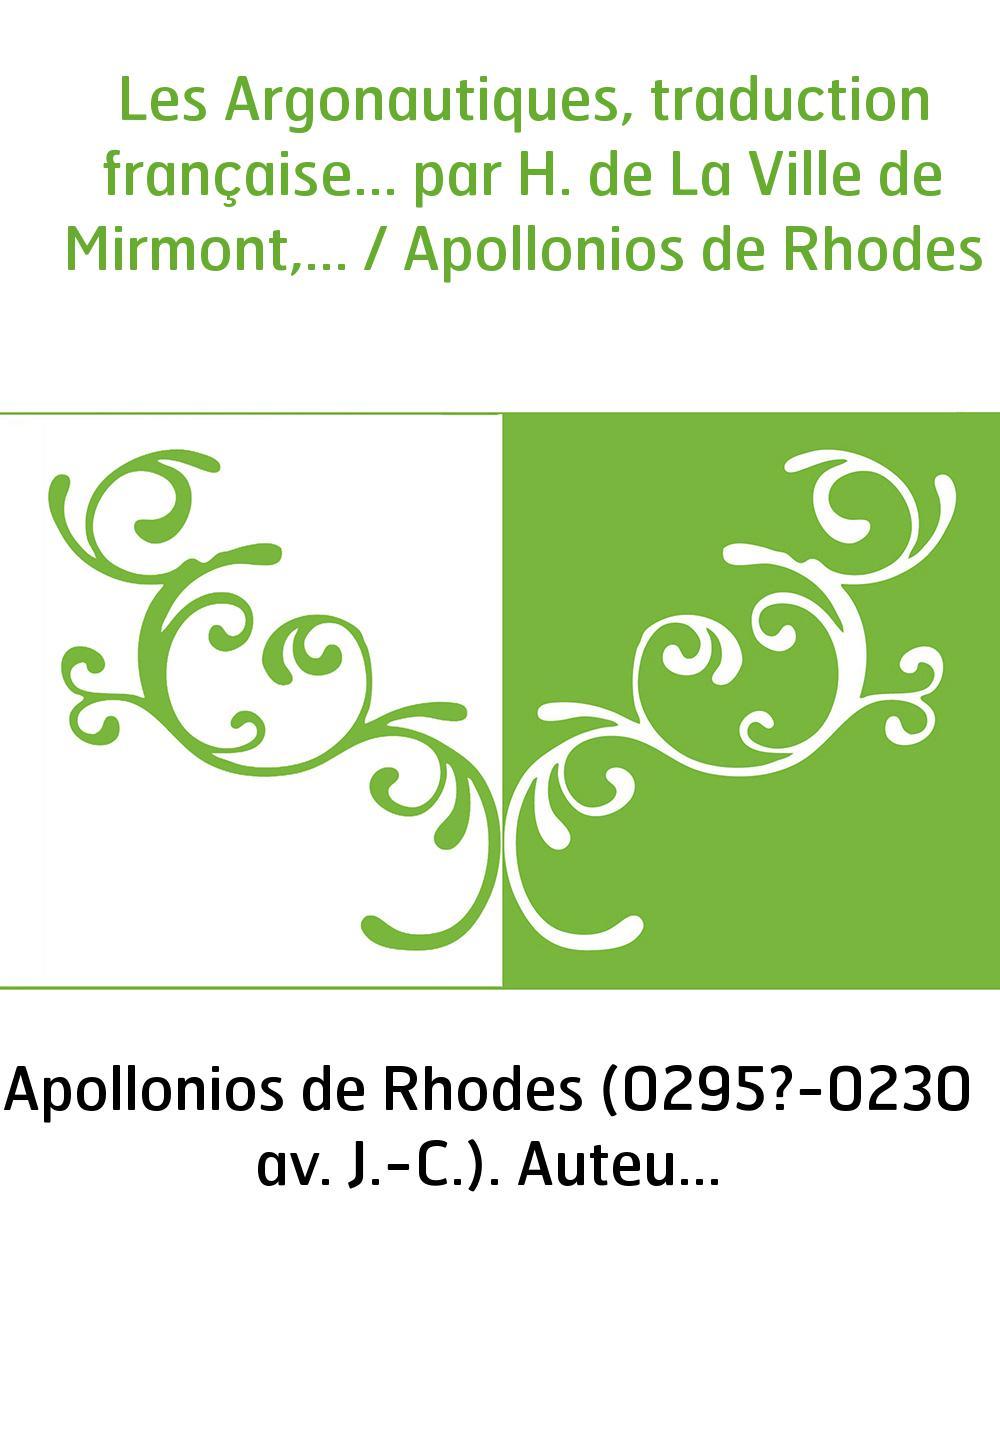 Les Argonautiques, traduction française... par H. de La Ville de Mirmont,... / Apollonios de Rhodes